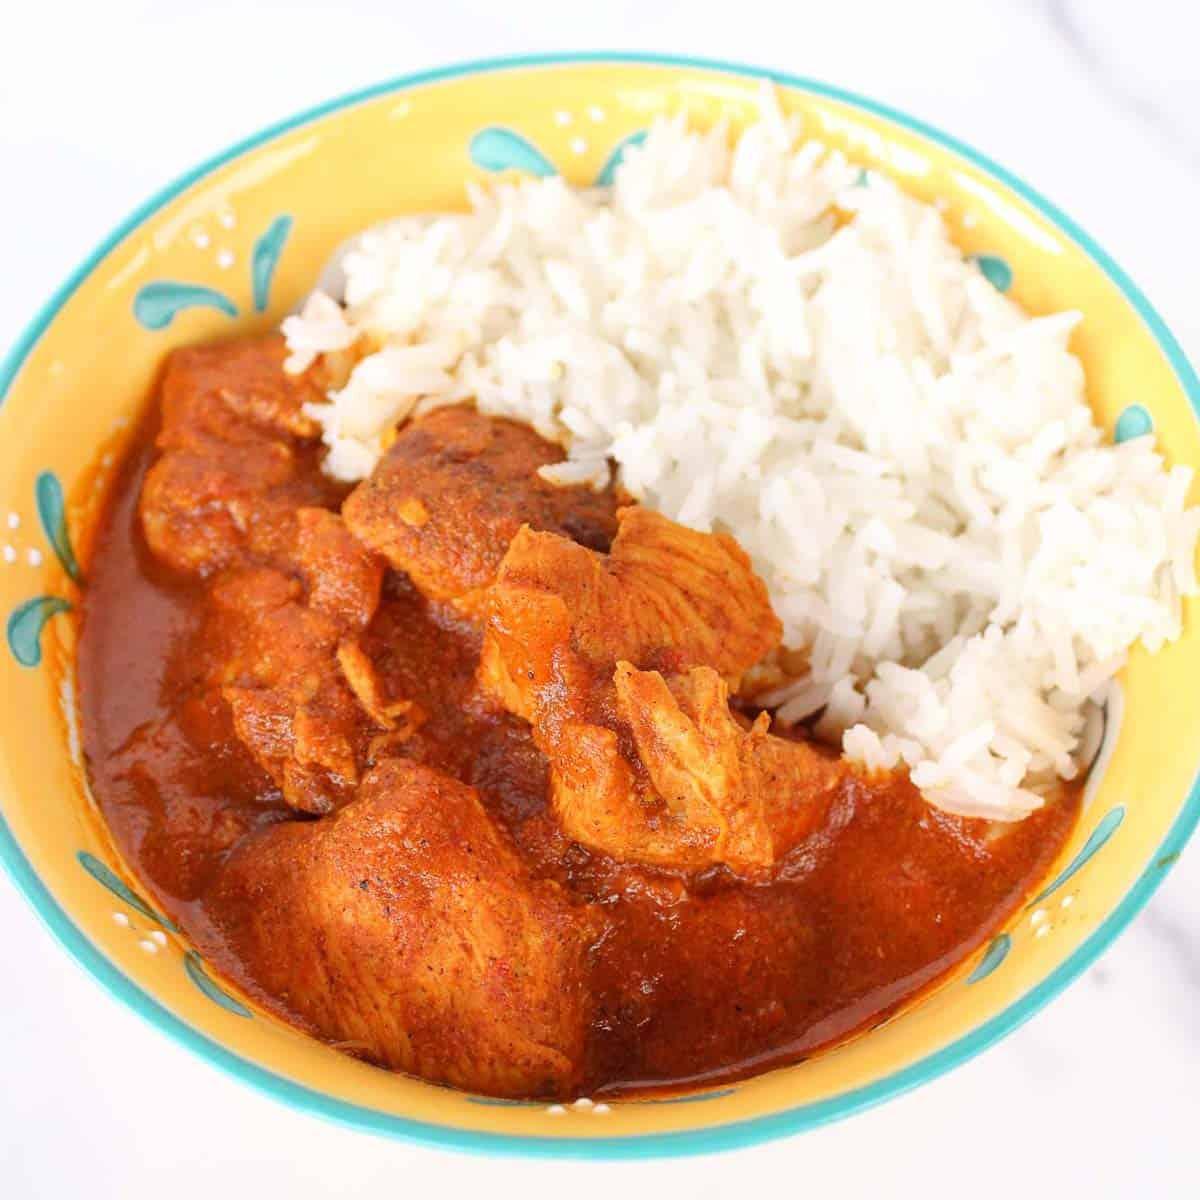 Chicken tikka masala with rice.